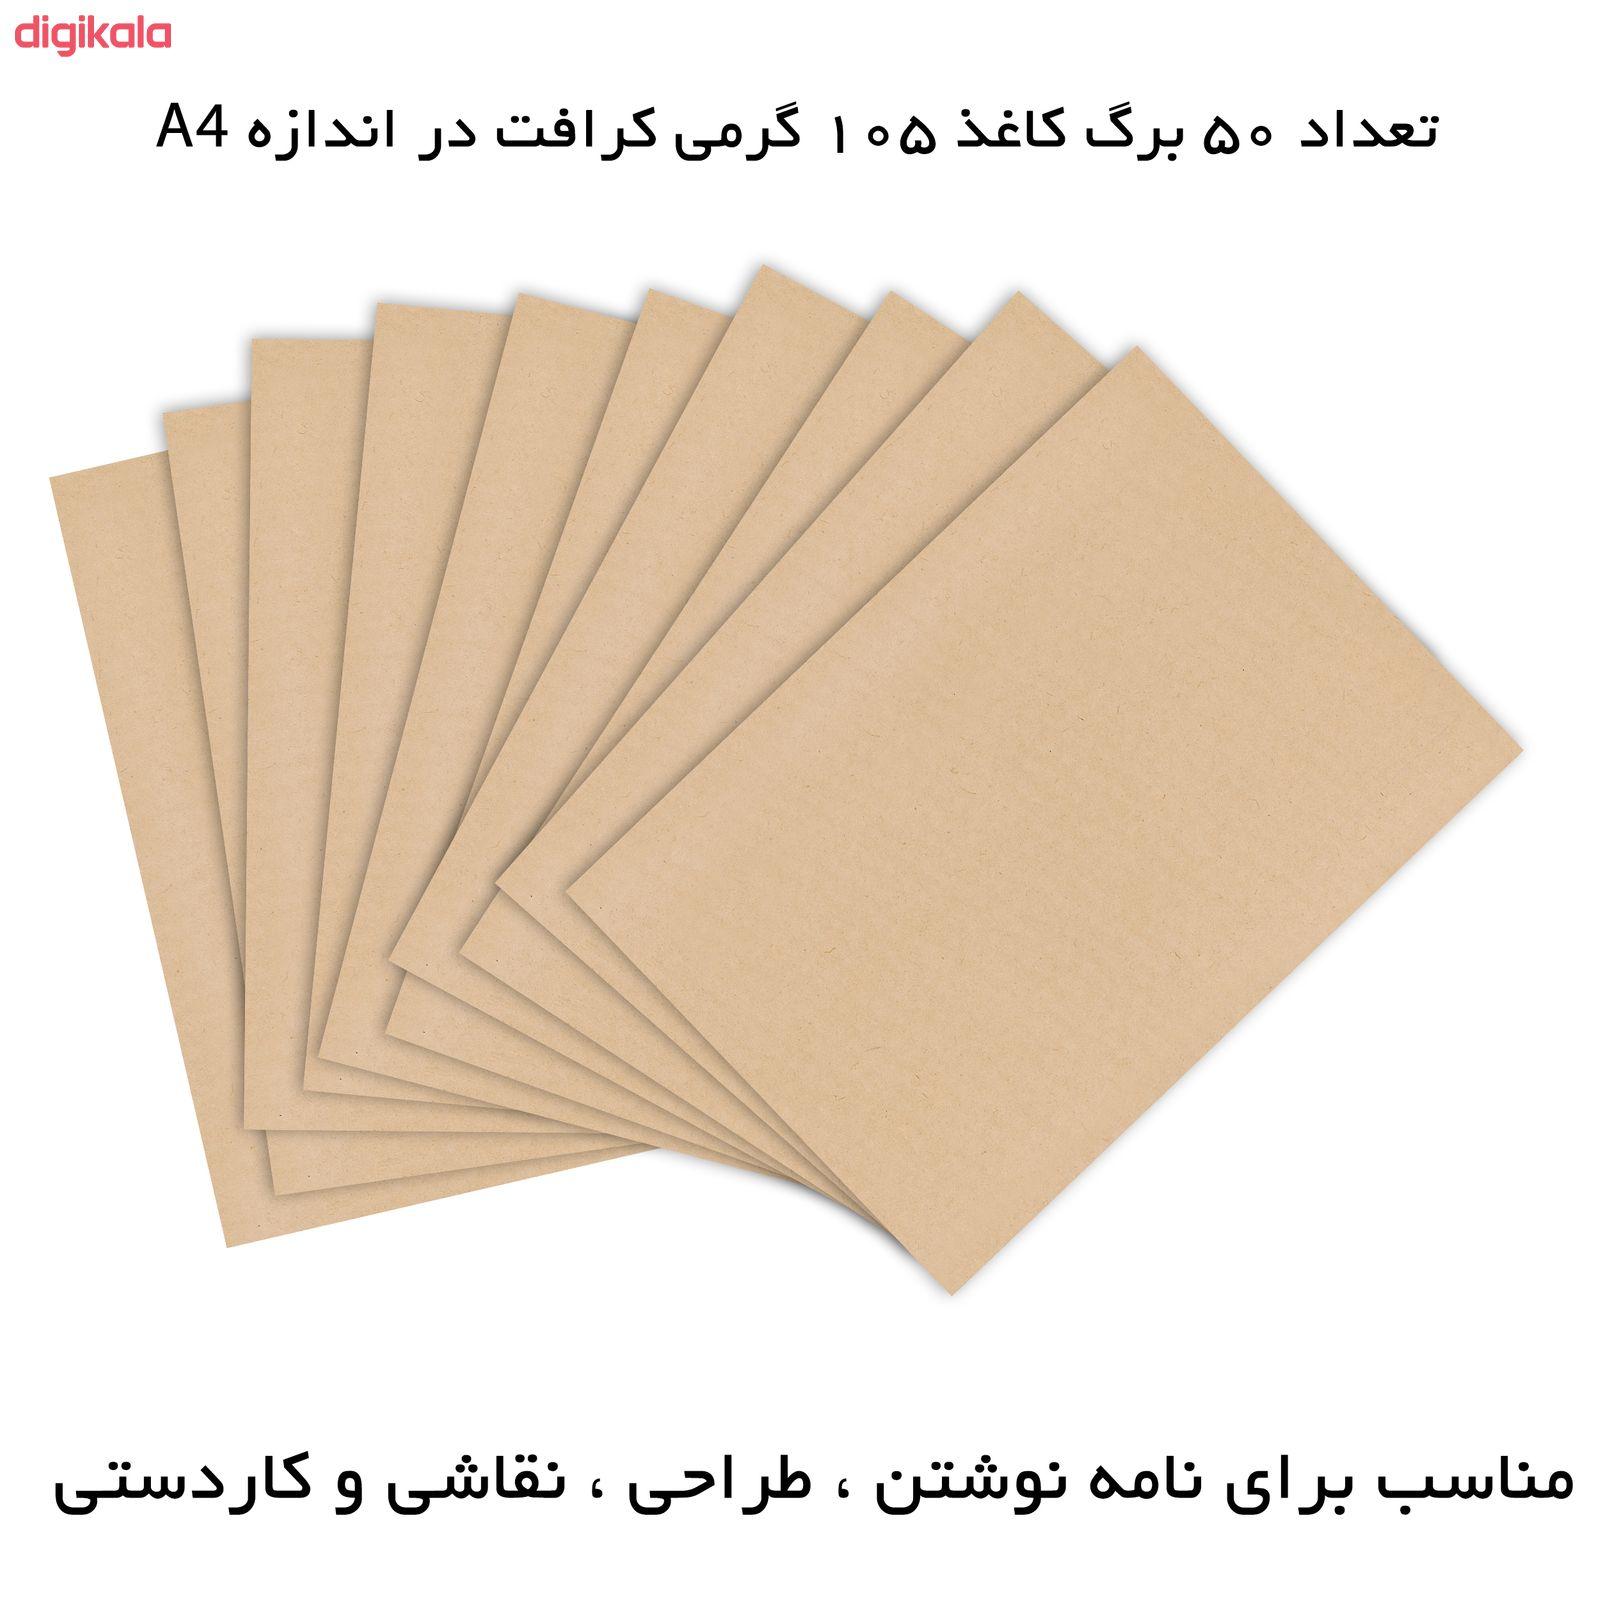 کاغذ کرافت مستر رادکد  1436بسته 50 عددی main 1 2